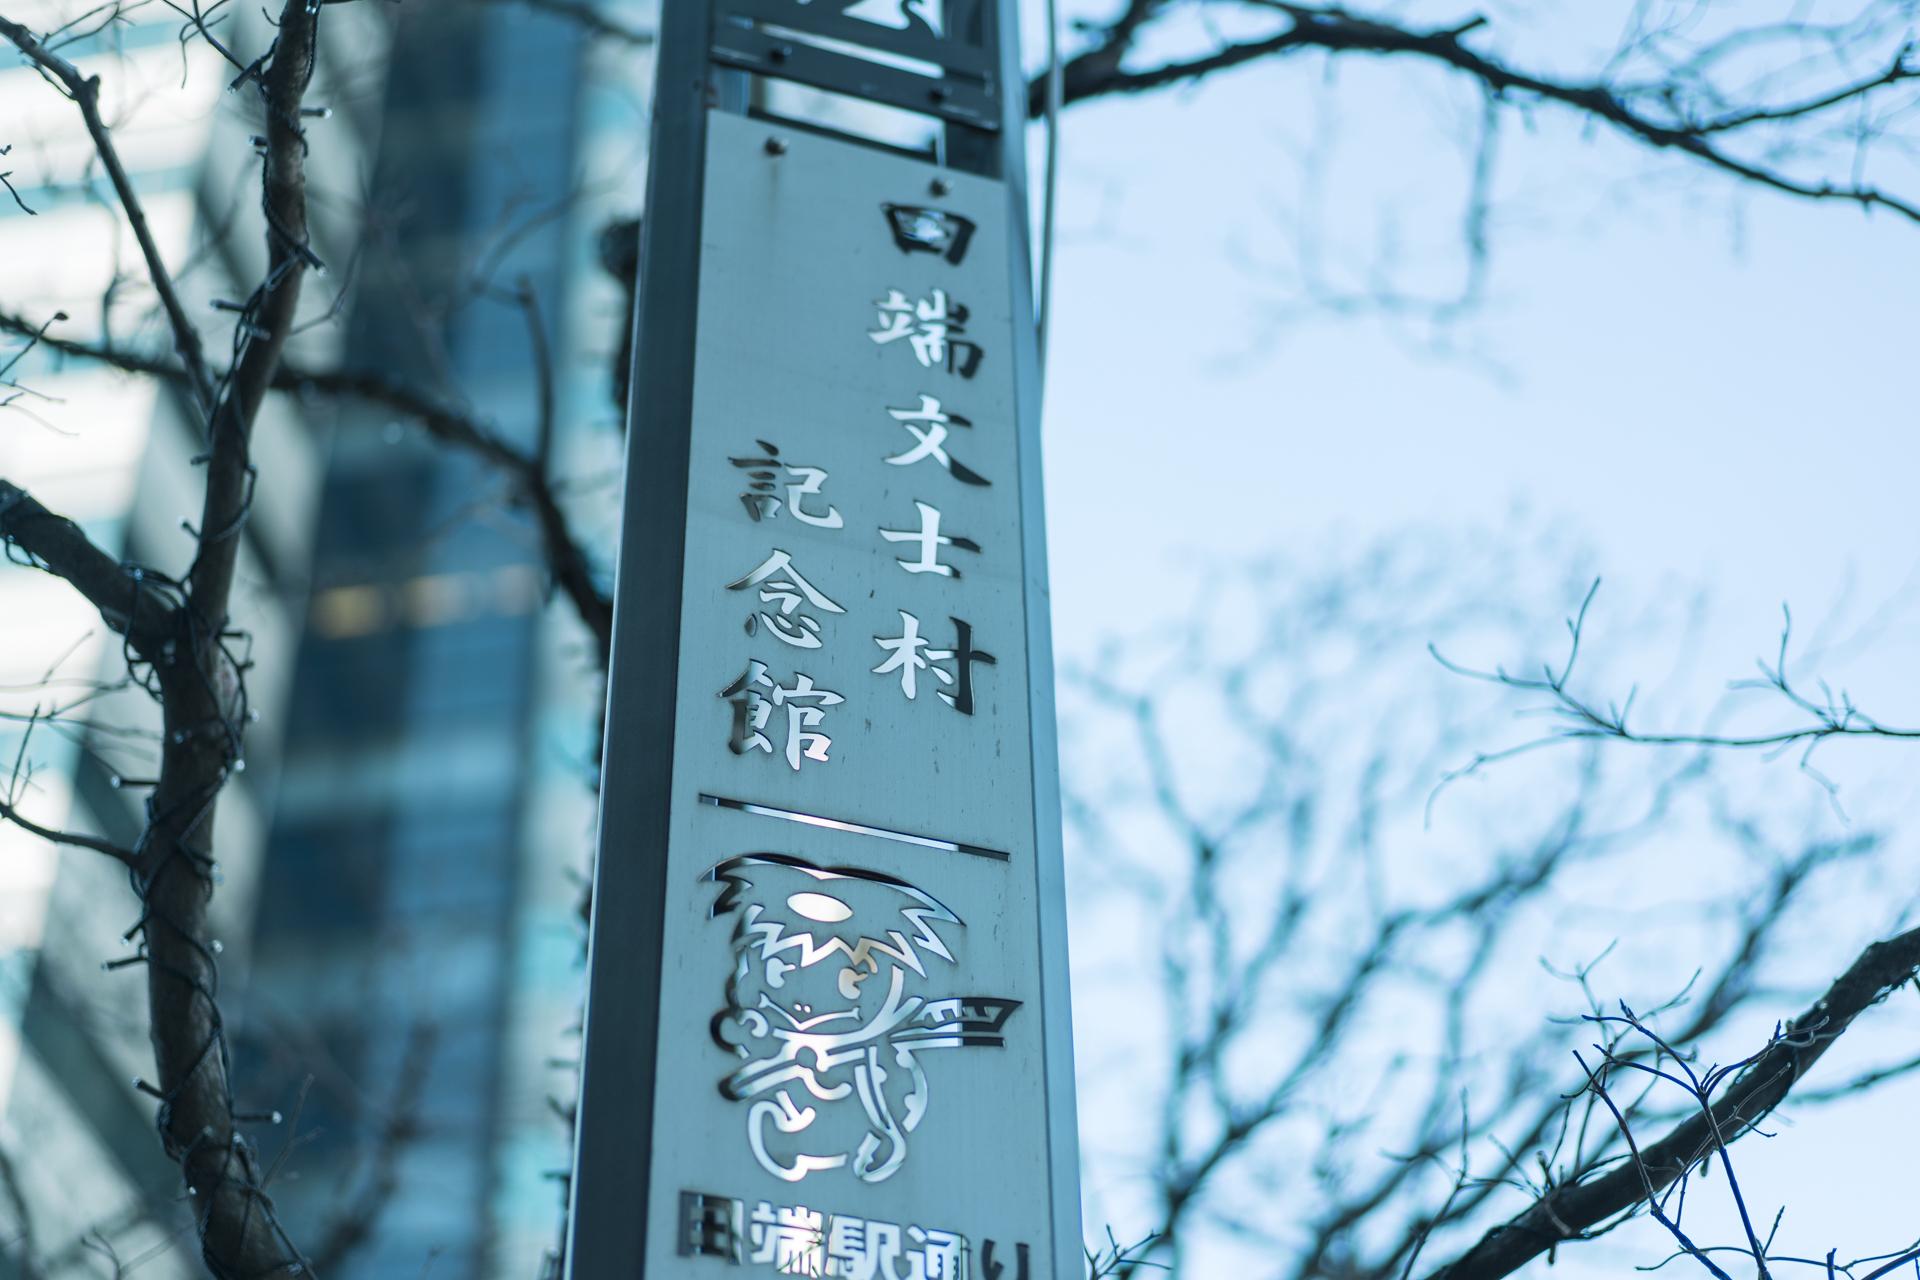 4.田端文士村記念館